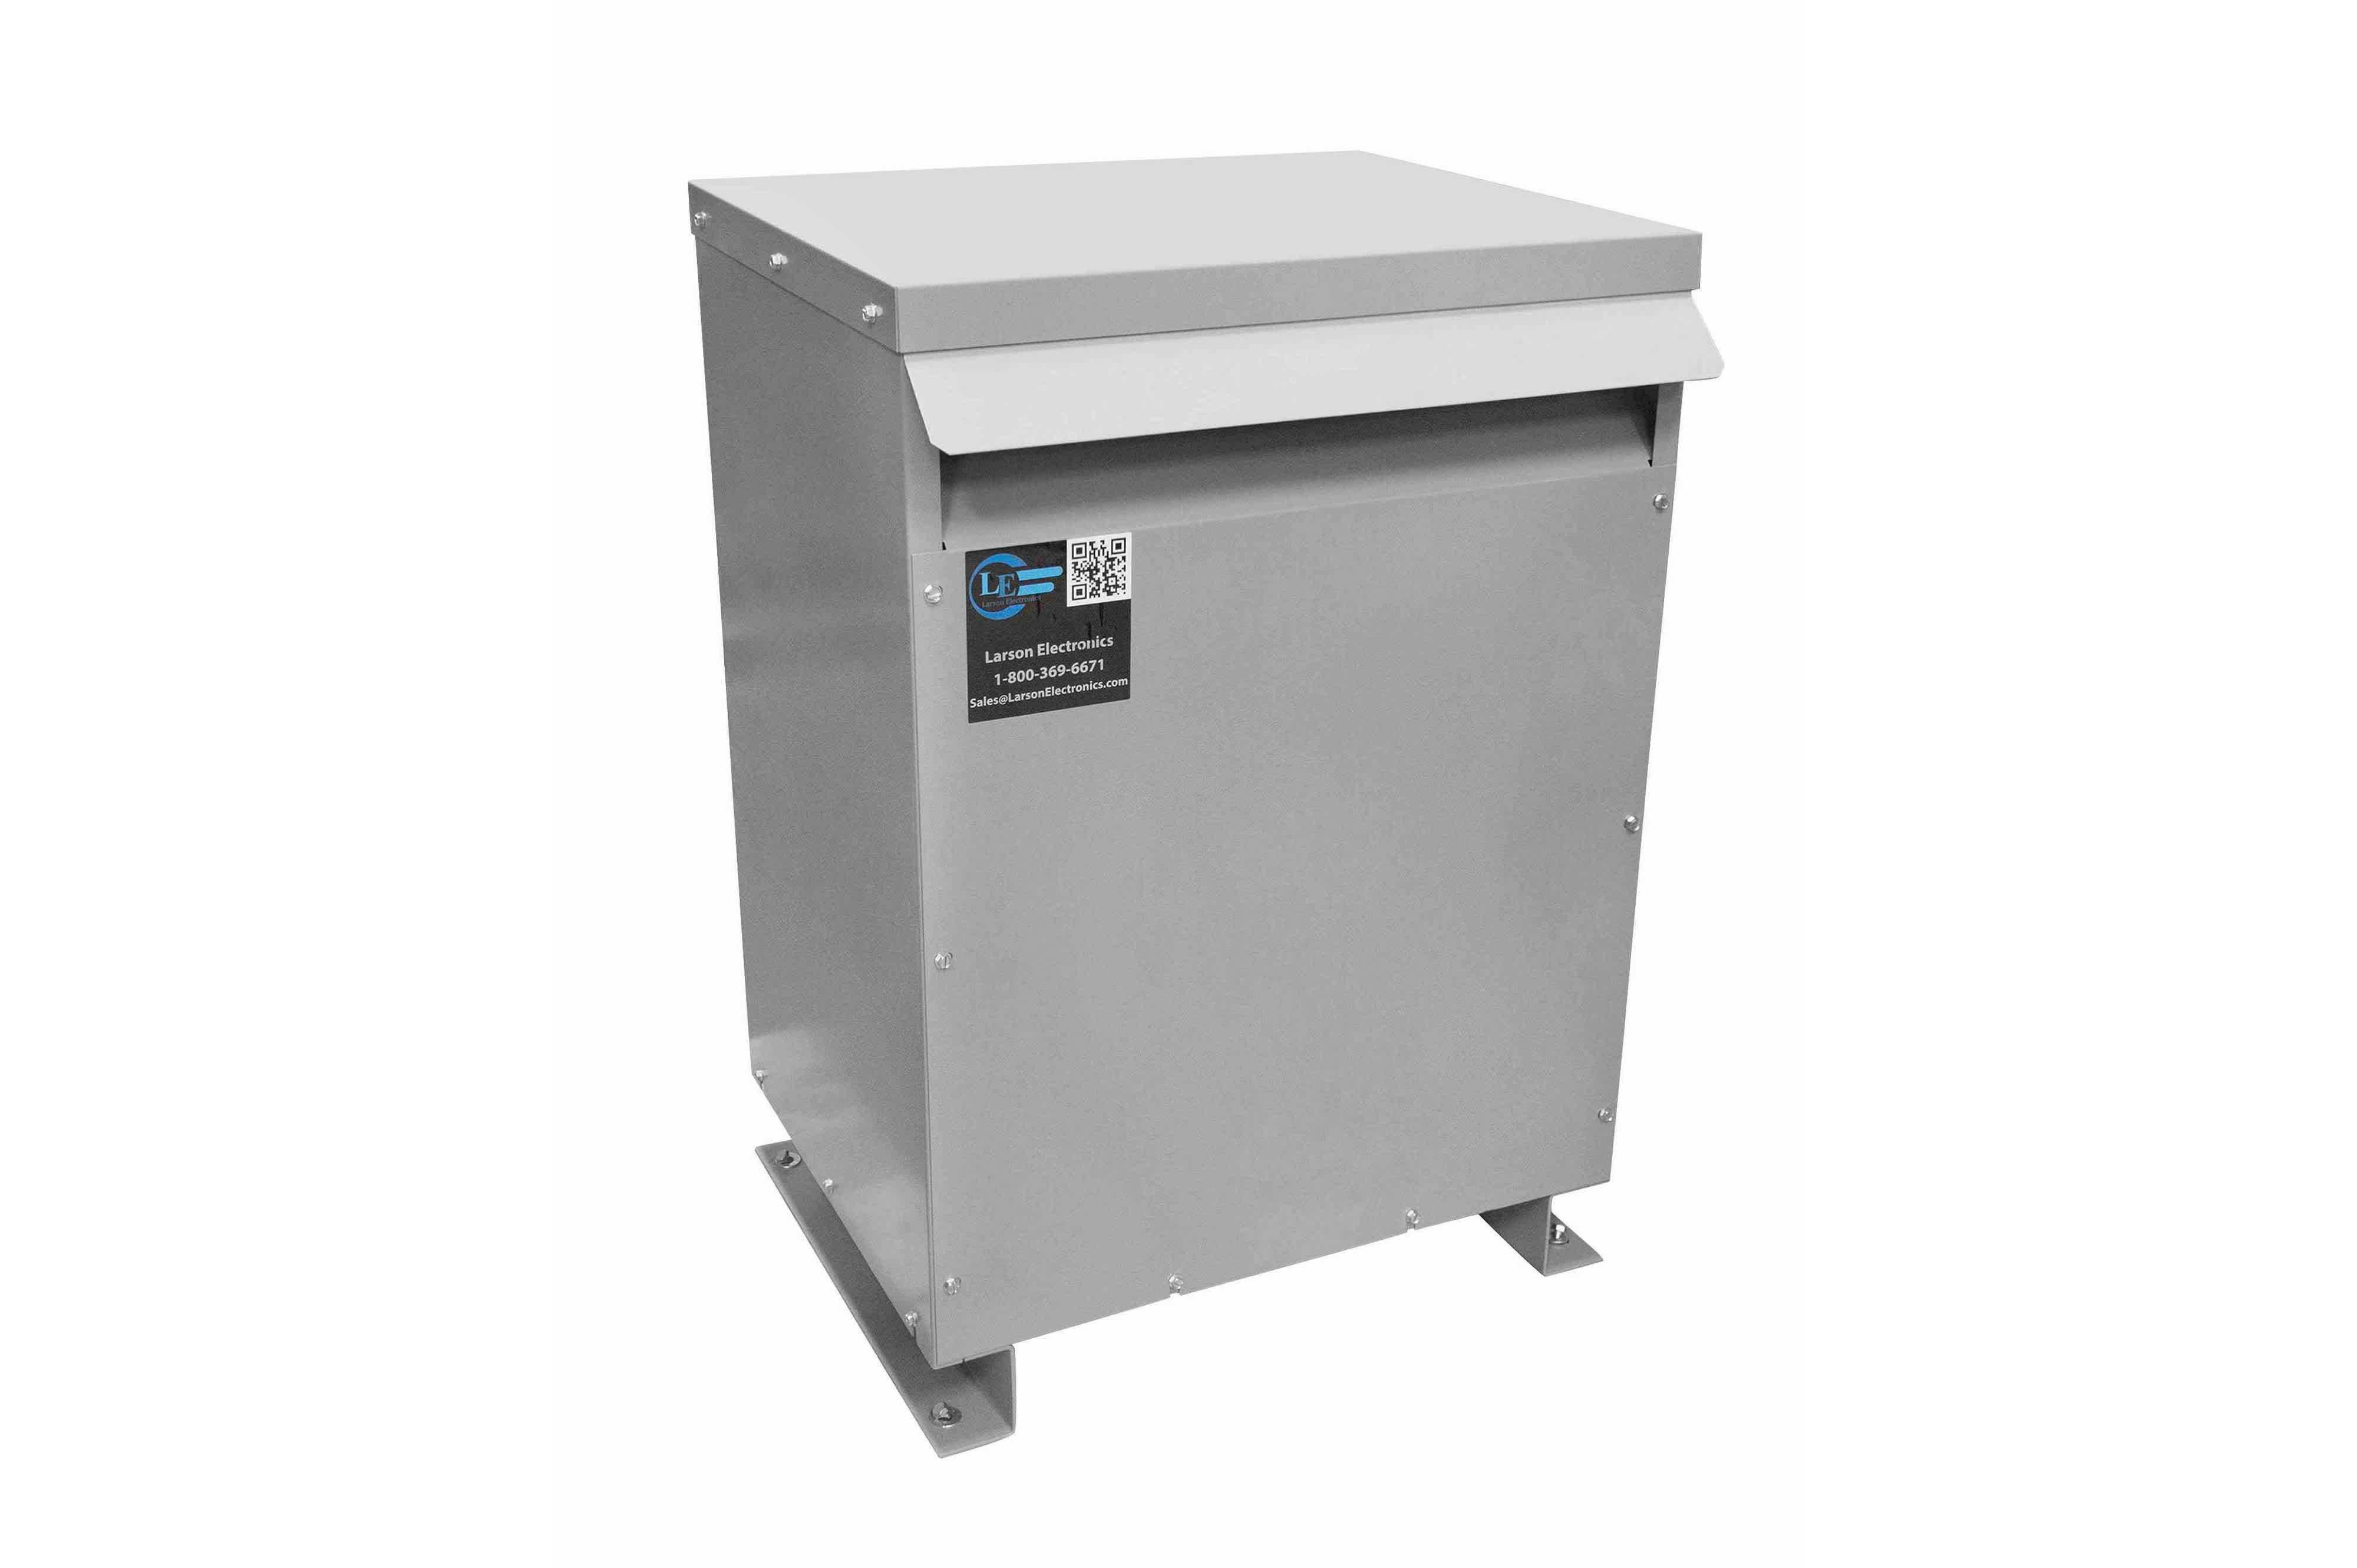 125 kVA 3PH Isolation Transformer, 415V Delta Primary, 240 Delta Secondary, N3R, Ventilated, 60 Hz